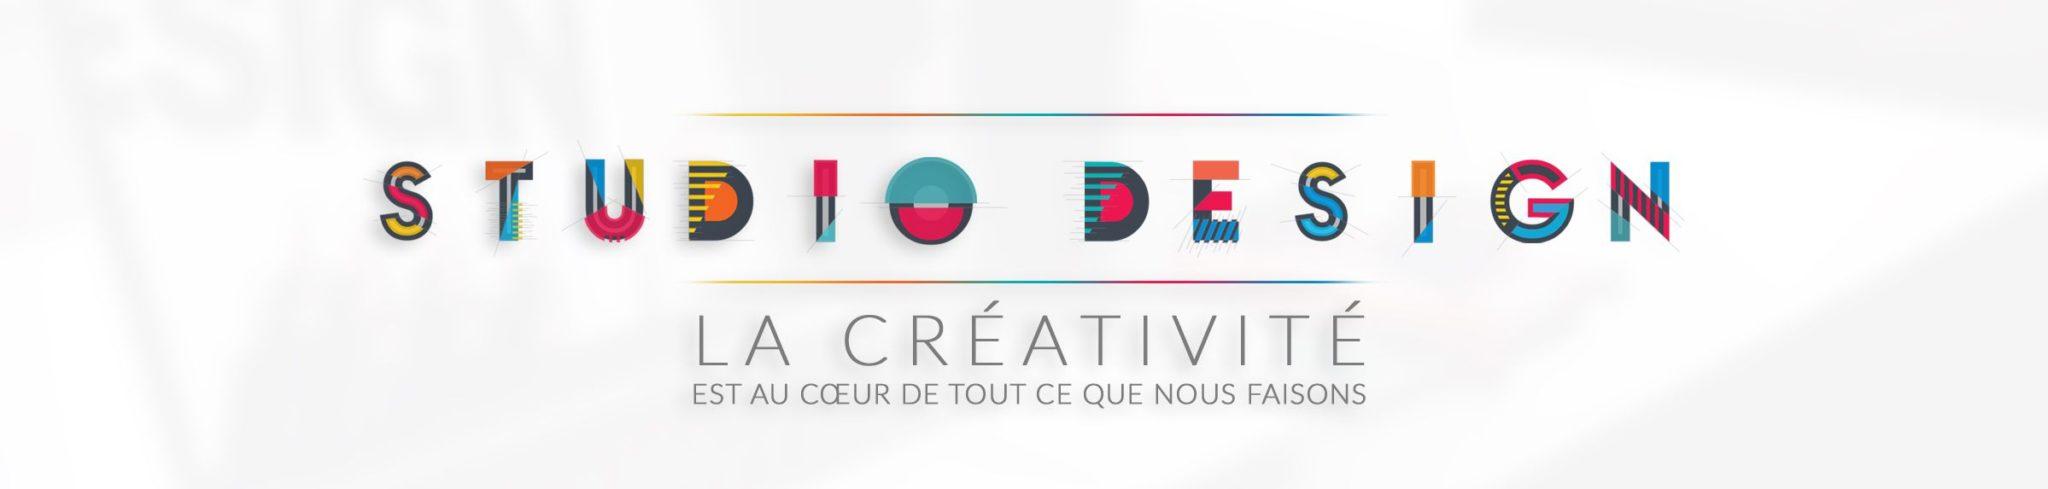 design et création d'identité visuelle